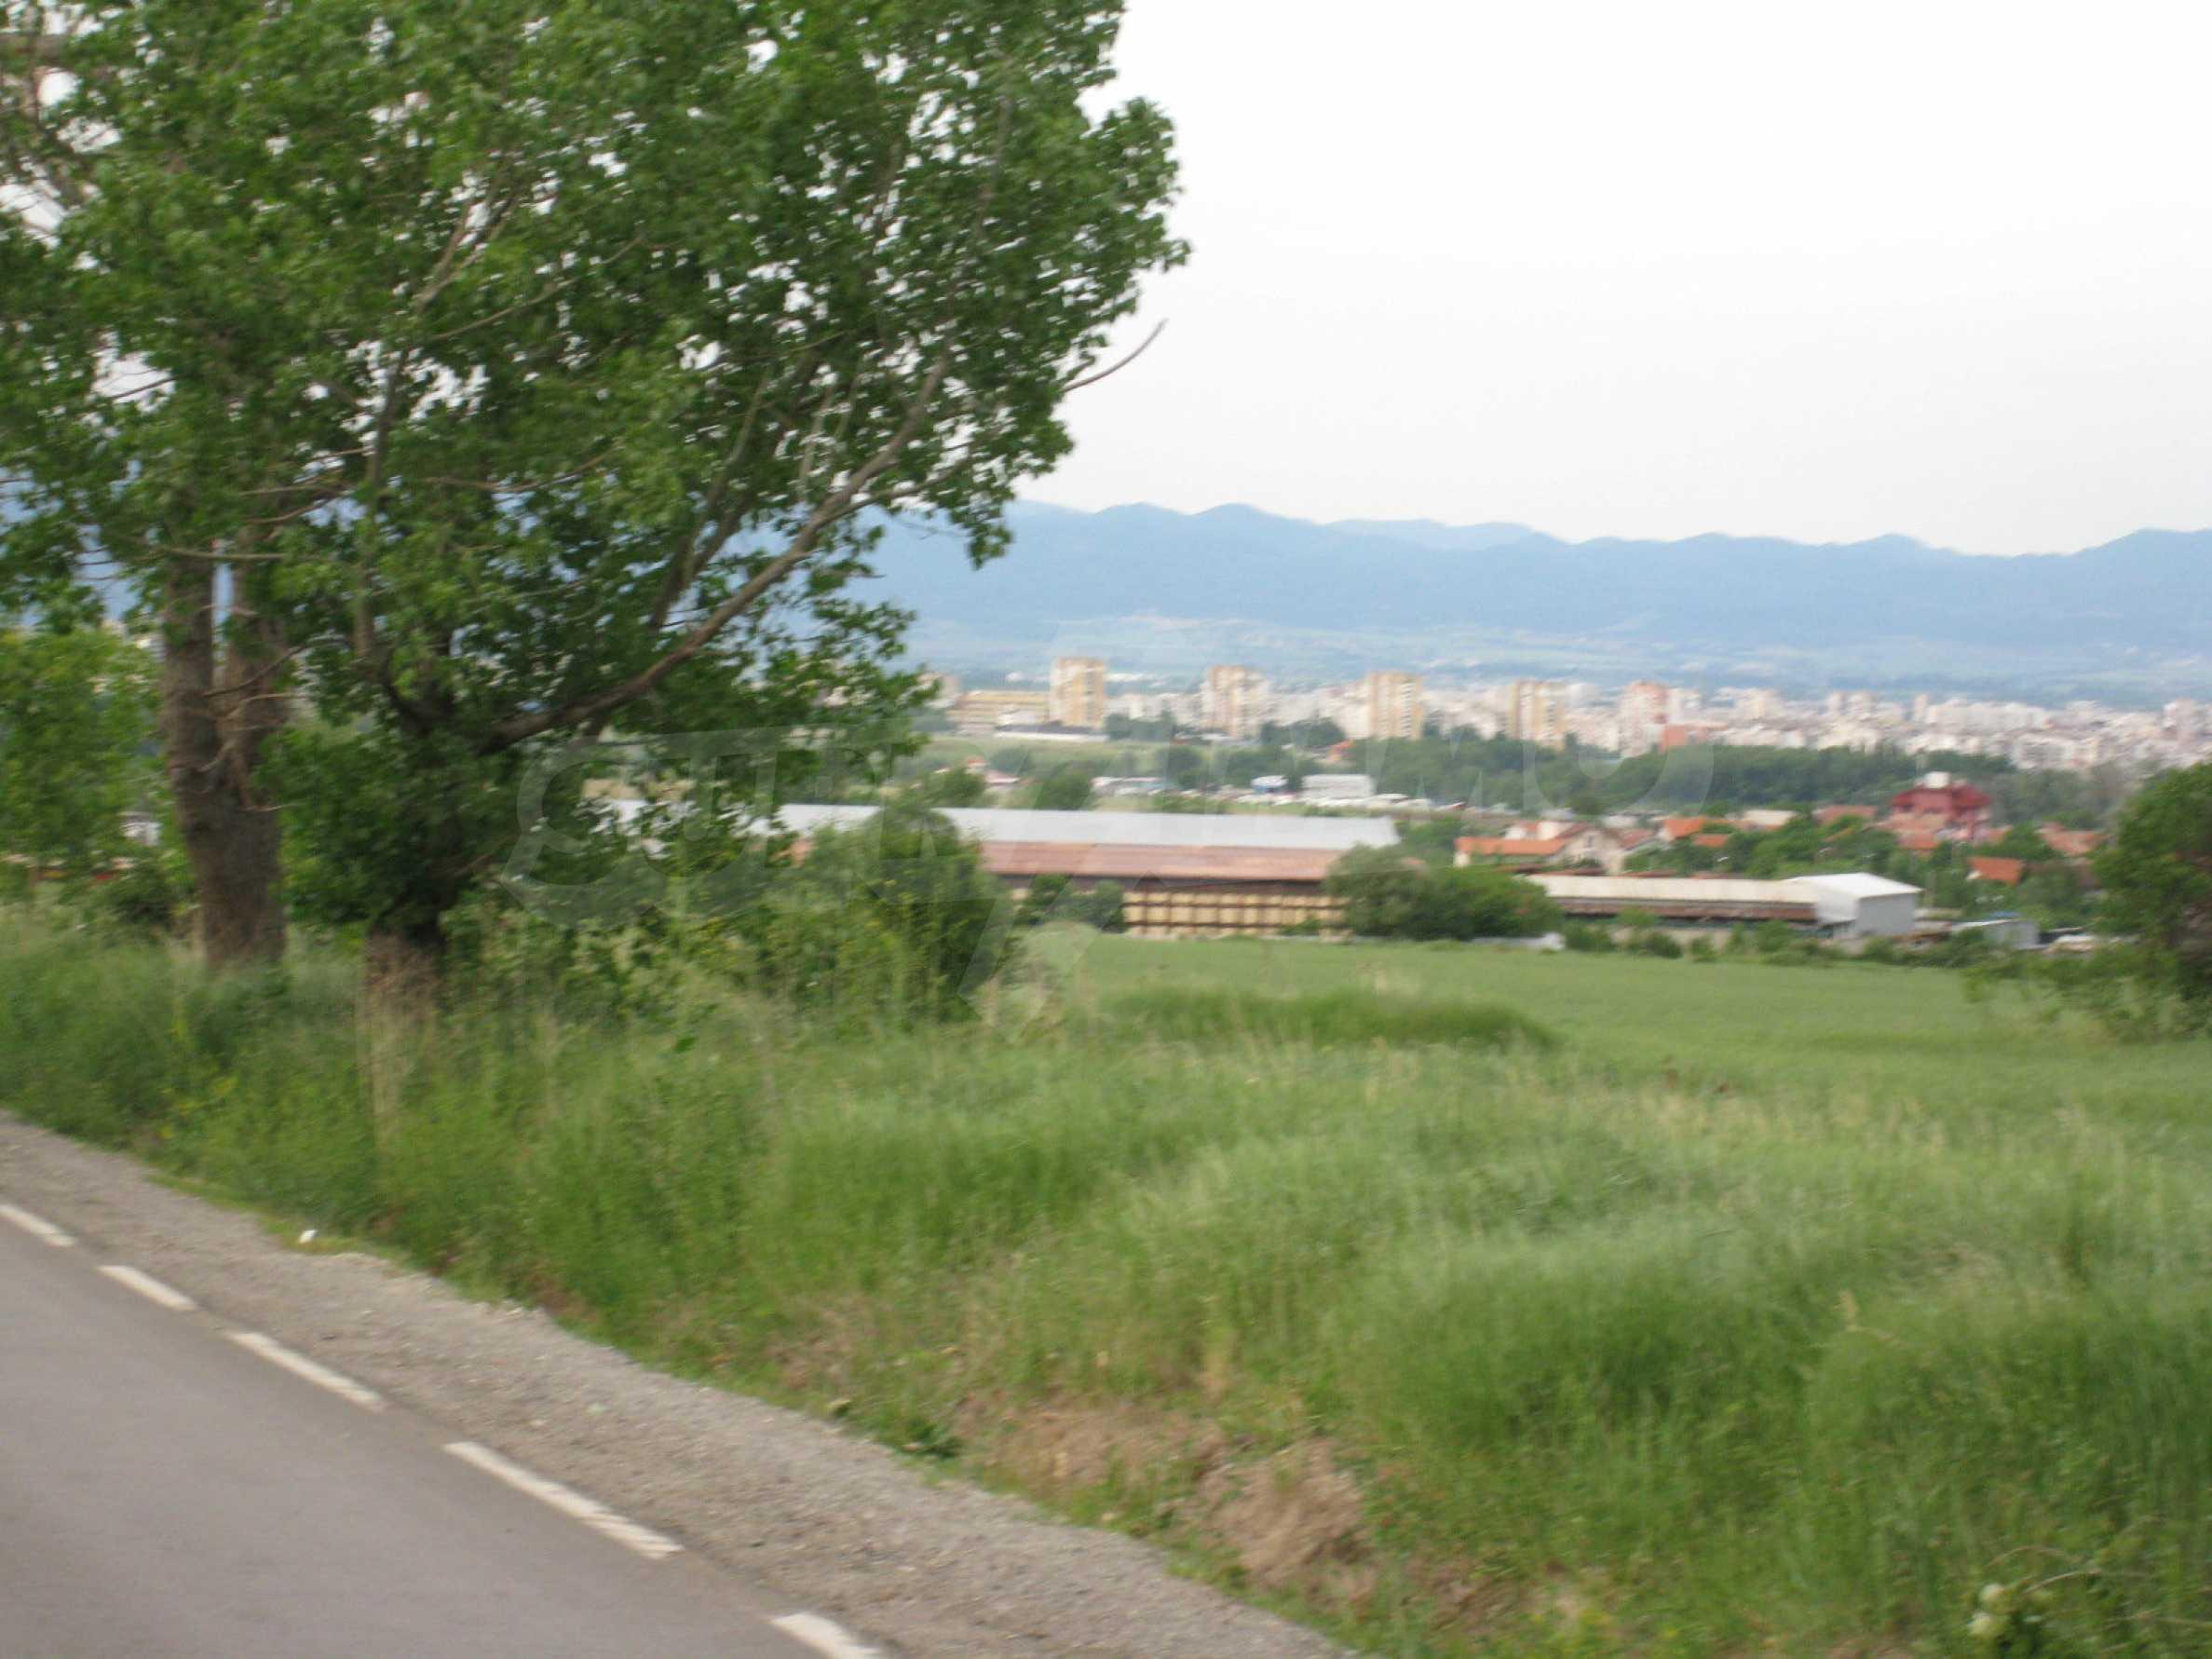 Agricultural land at asphalt road in Suhodol 16